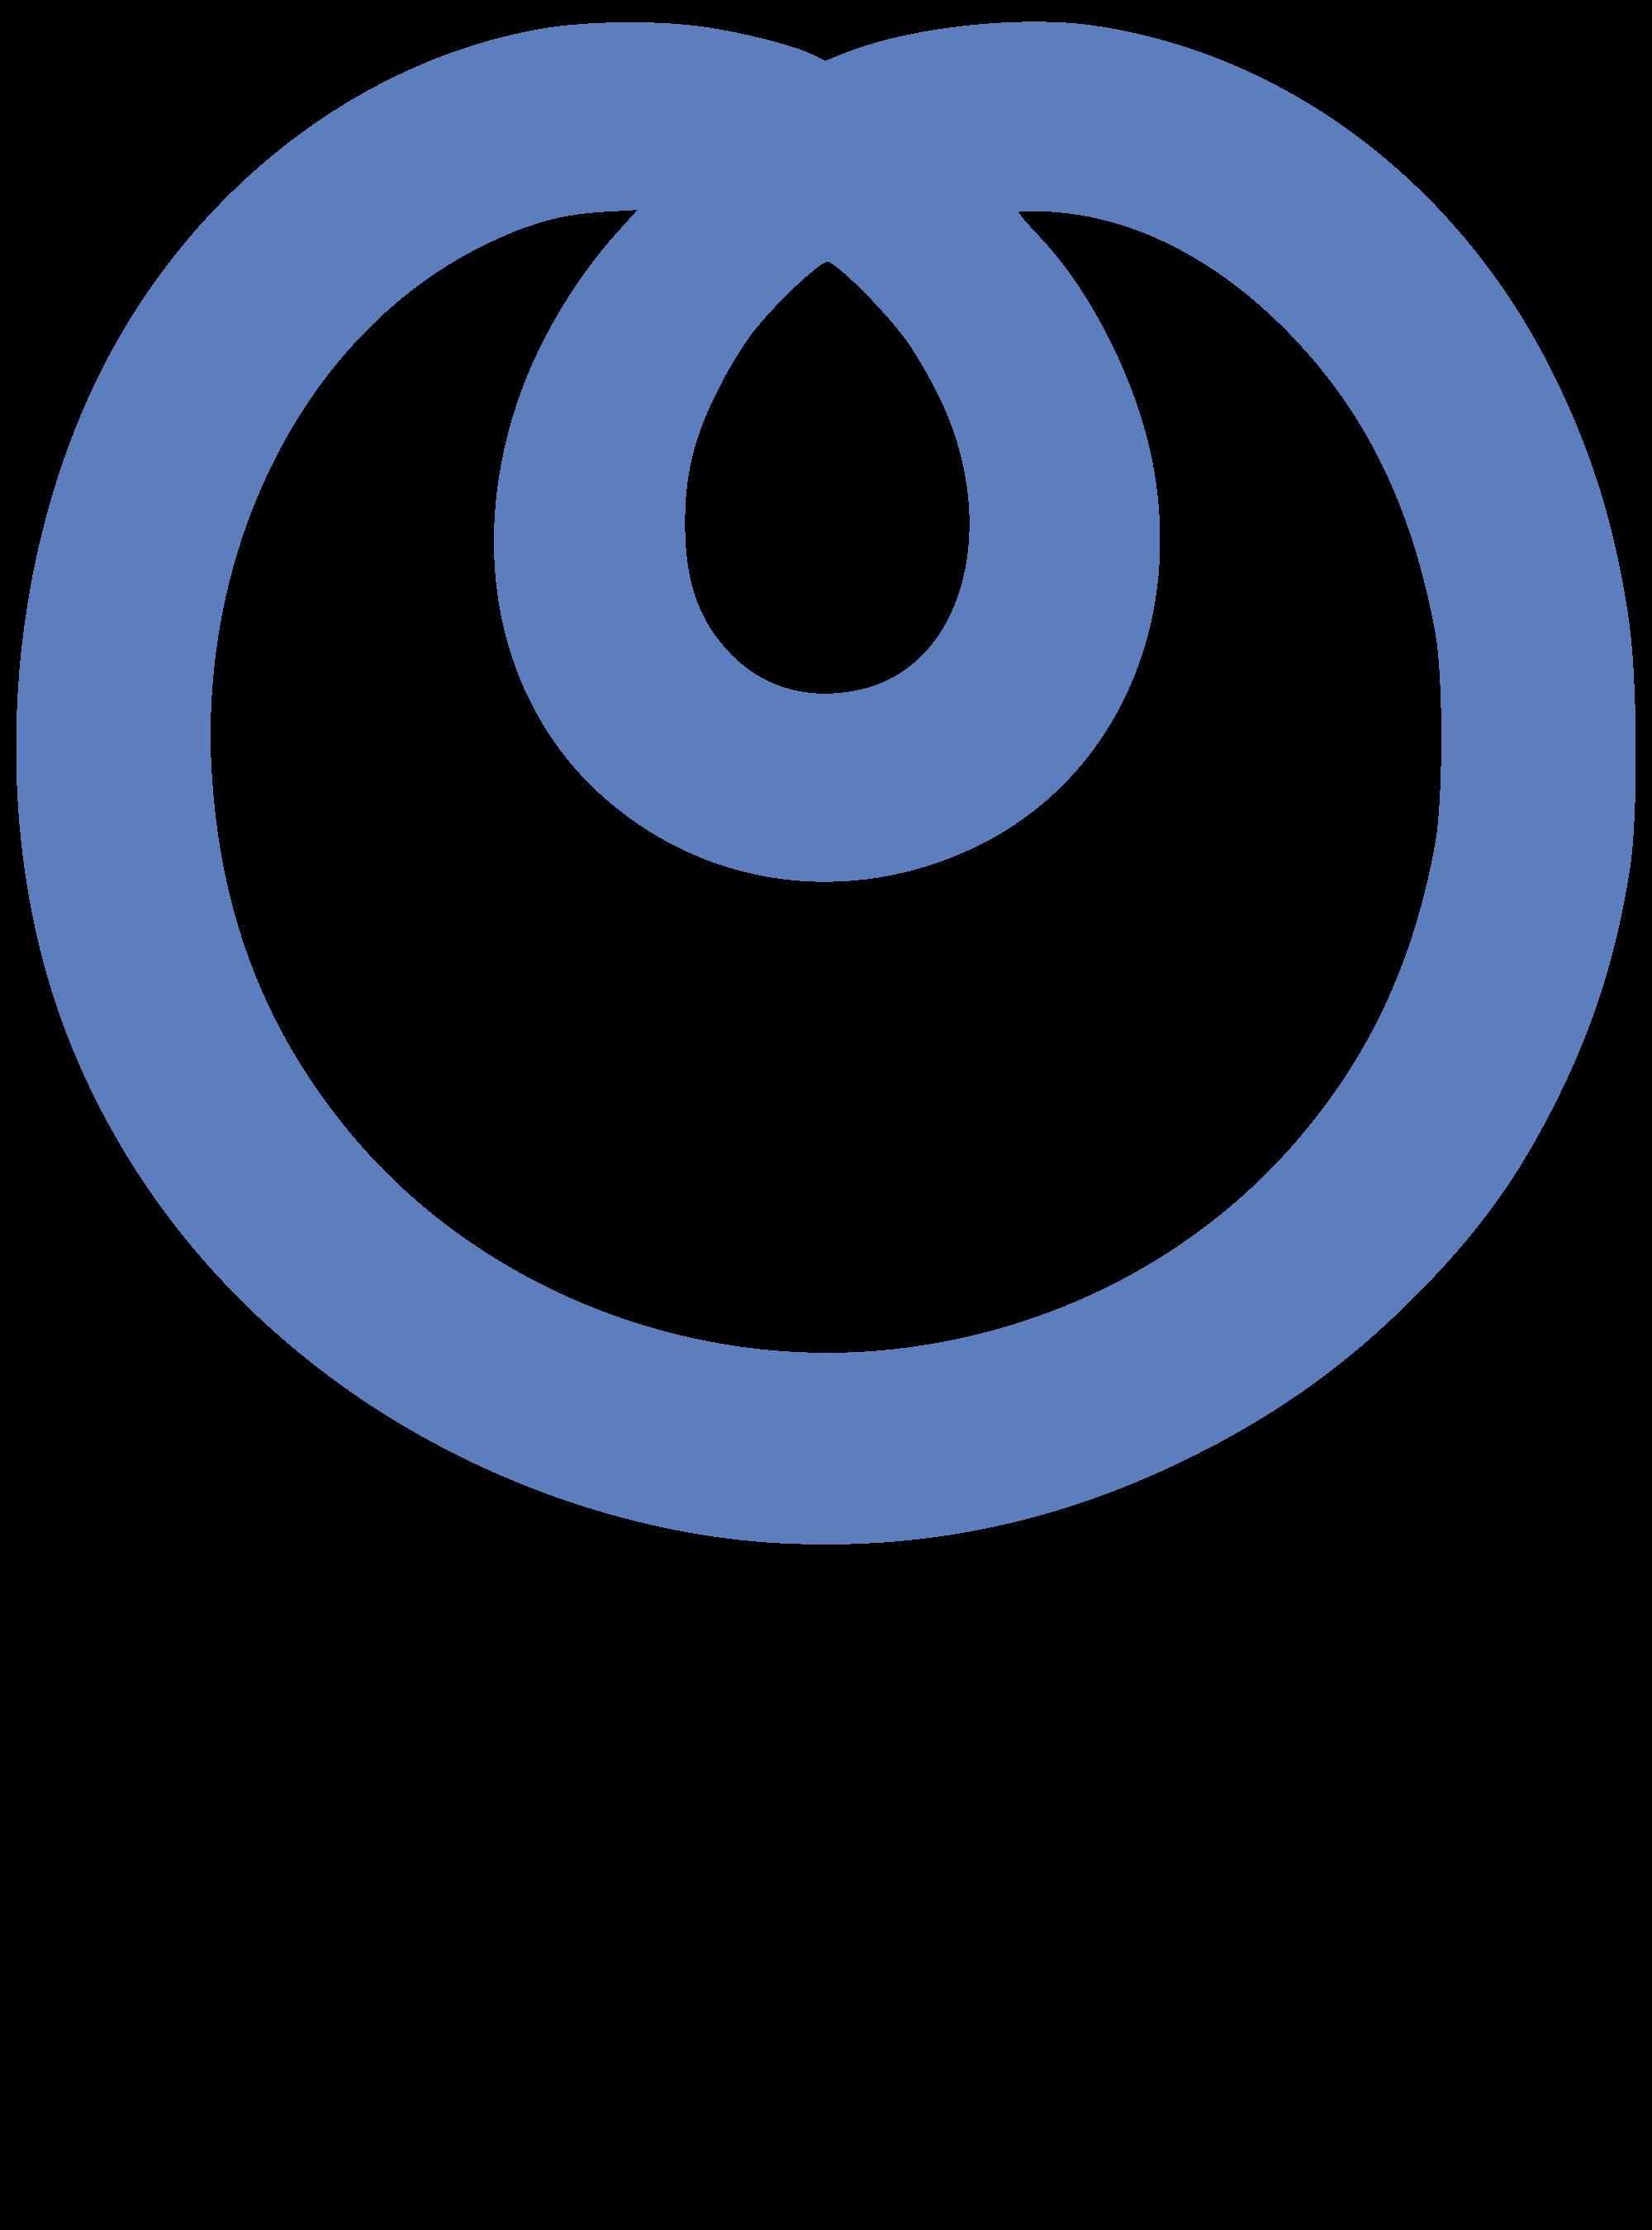 NTT Logo Wallpaper